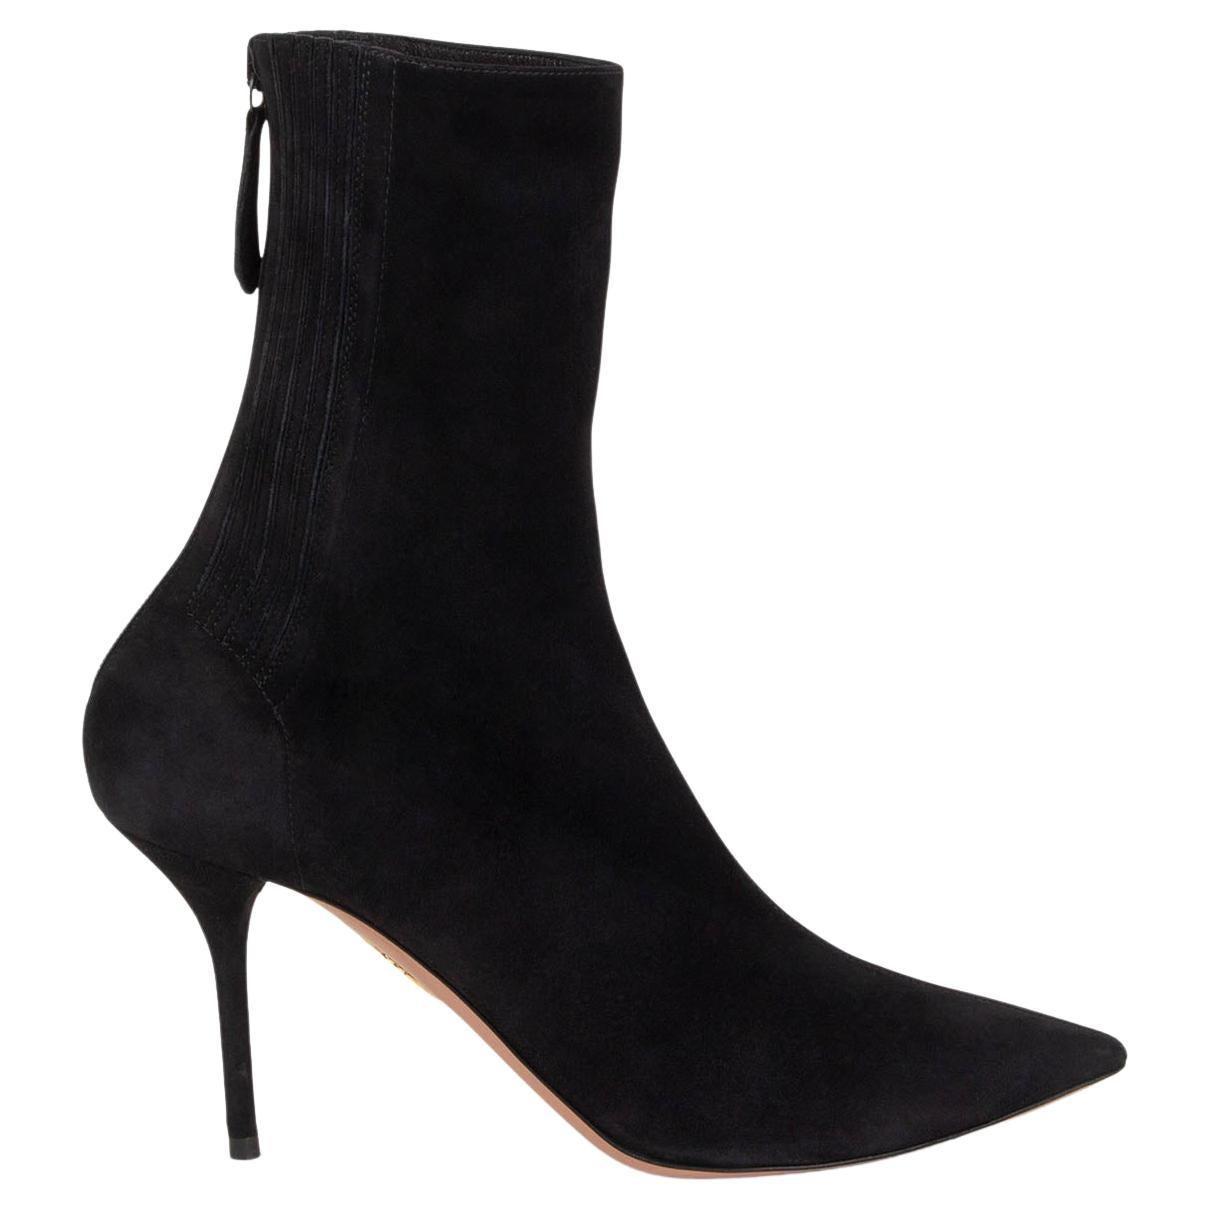 AQUAZZURA black suede SAINT HONORE 85 Ankle Boots Shoes 37.5